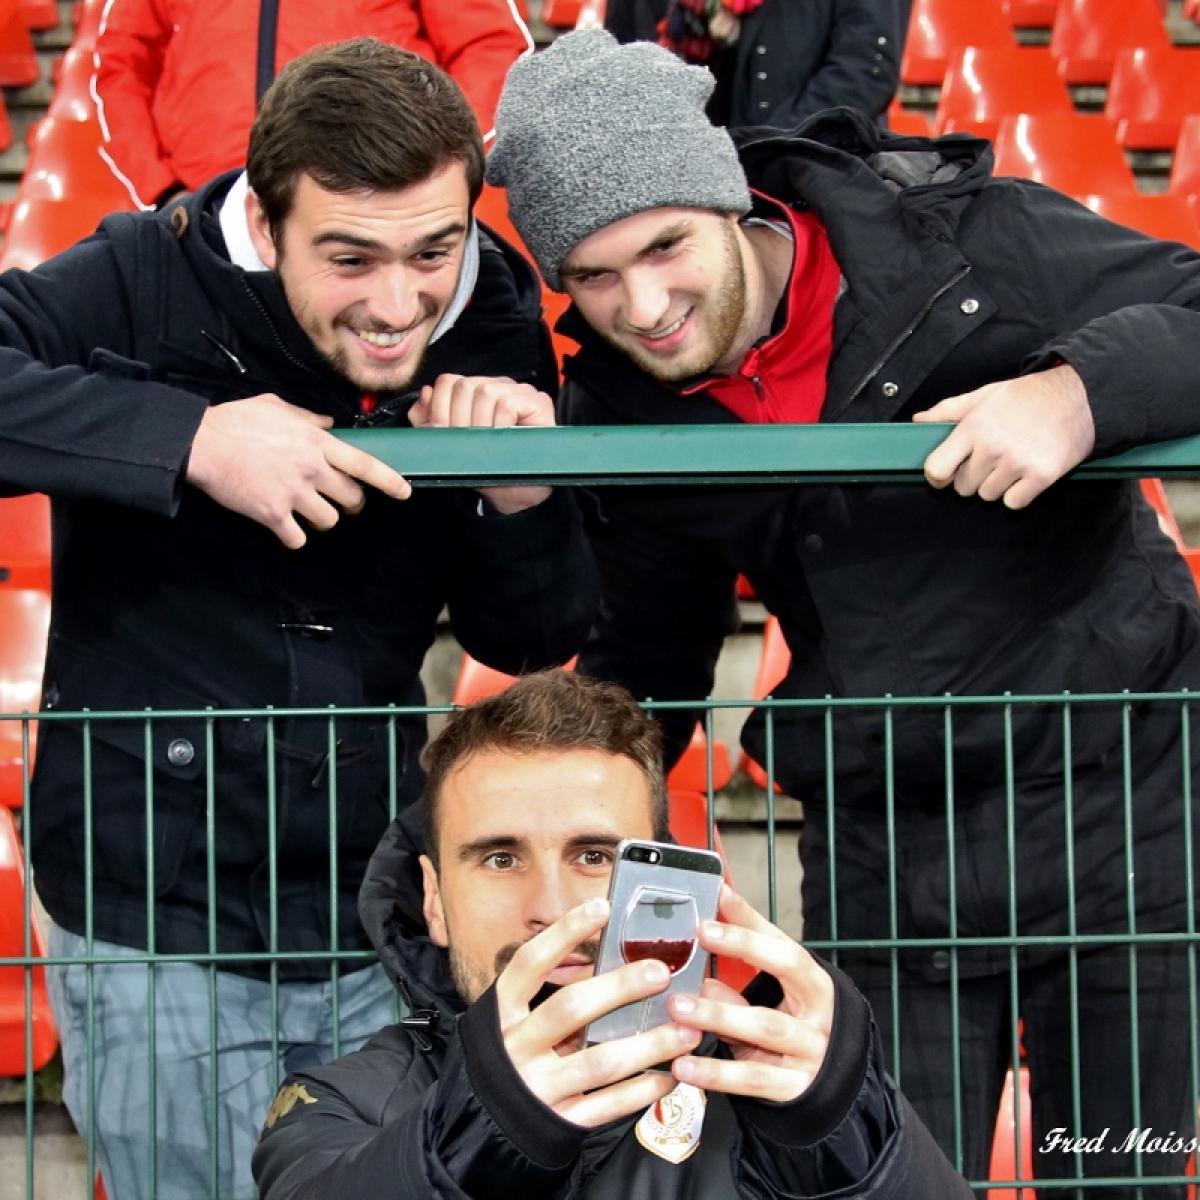 Stadium visit